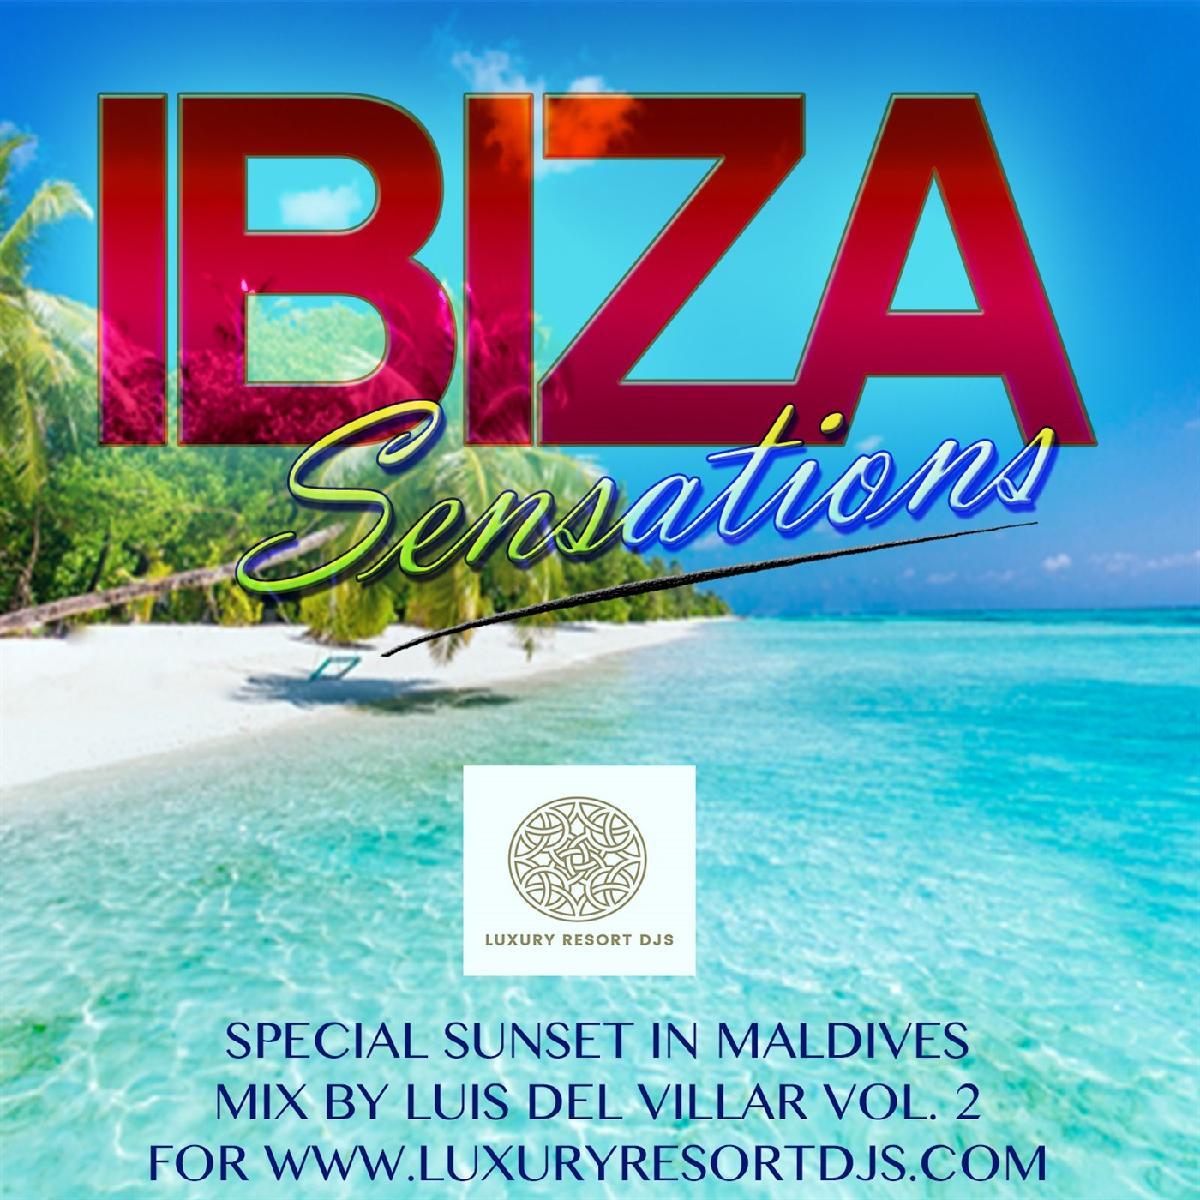 Ibiza Sensations 236 by Luis Del Villar